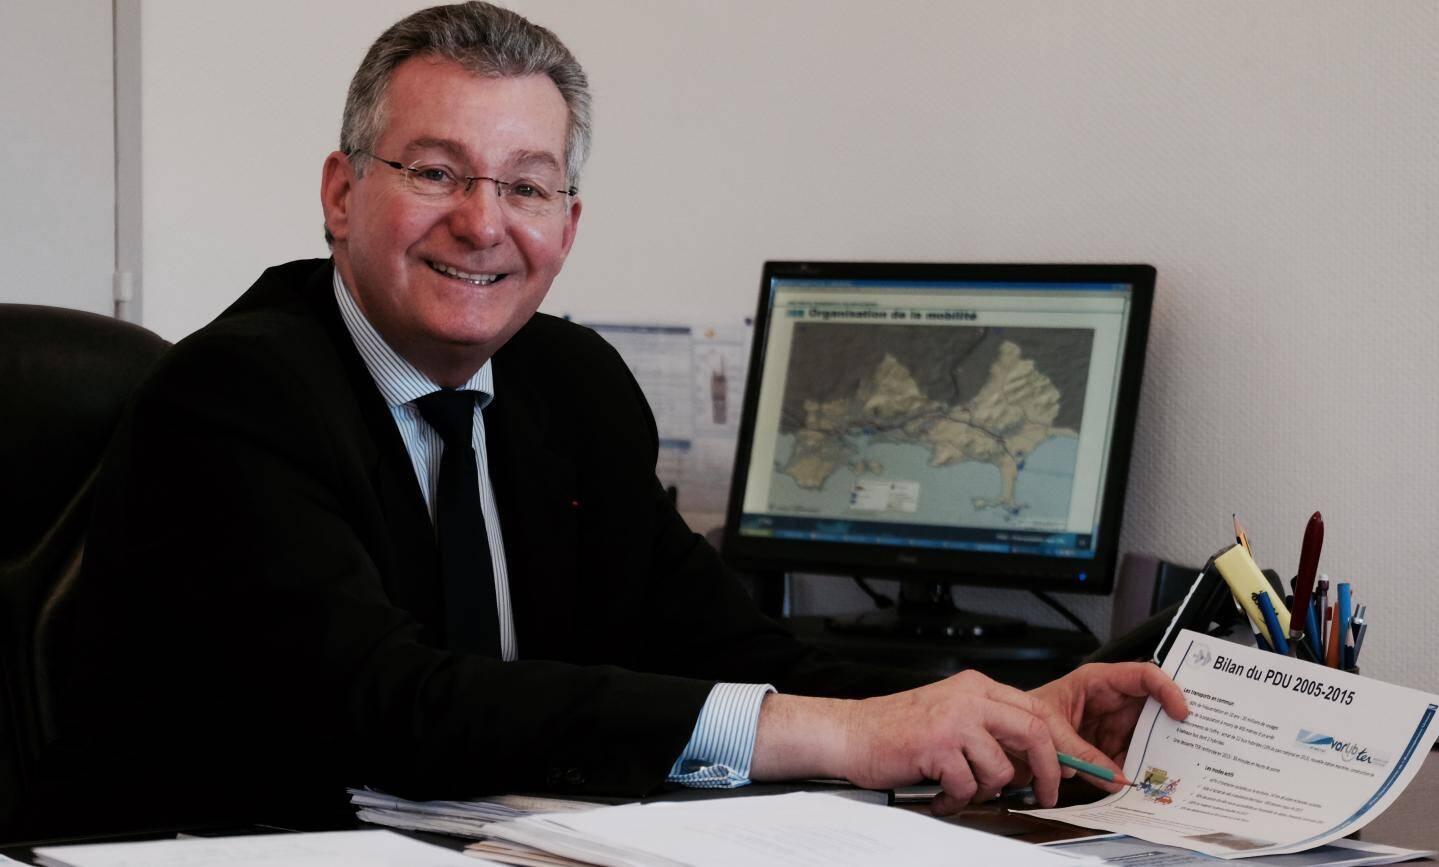 Yannick Chenevard, vice-président de TPM chargé des transports, planche sur le nouveau Plan de déplacement urbain (PDU) en vue d'accueillir un BHNS à Toulon.